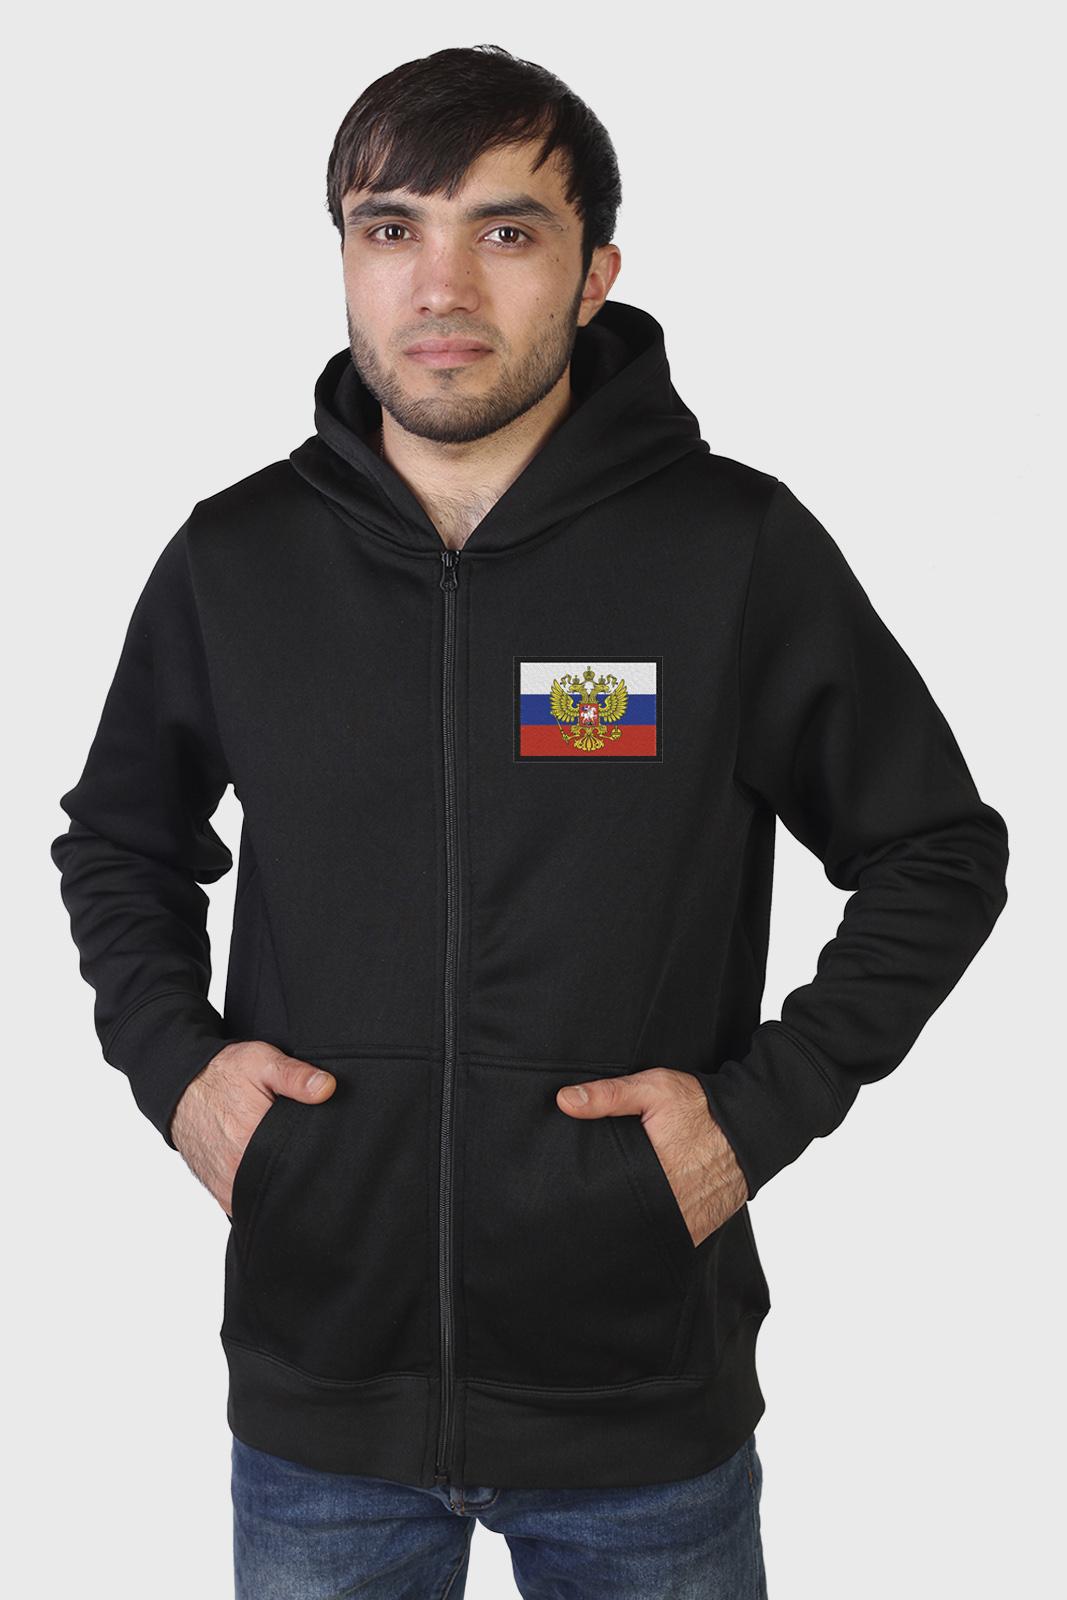 Классическая мужская толстовка с флагом РФ